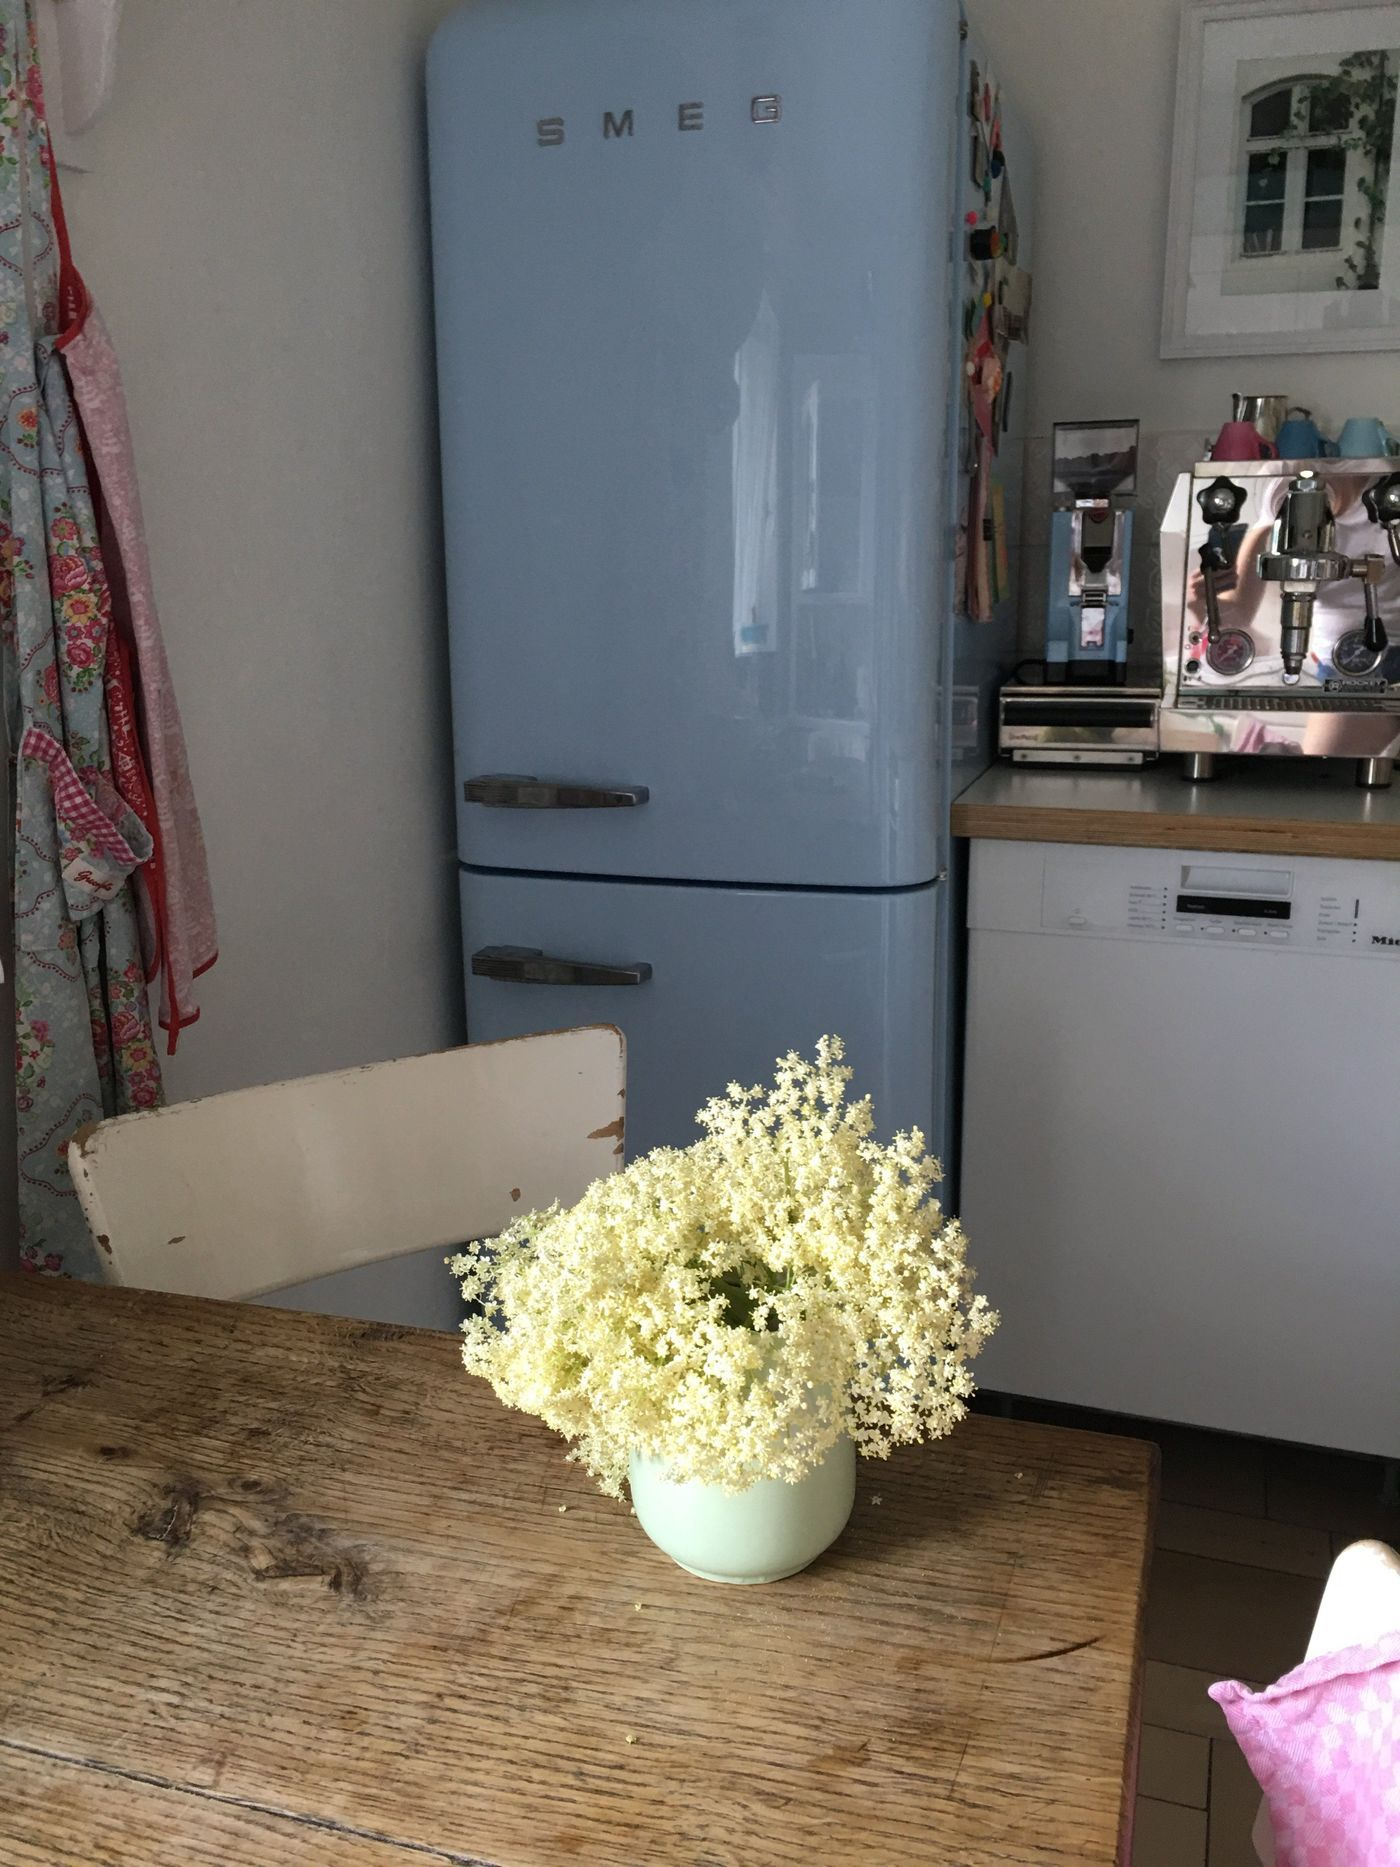 Ungewöhnlich Italienisches Design Küchengeräte Ideen - Küche Set ...